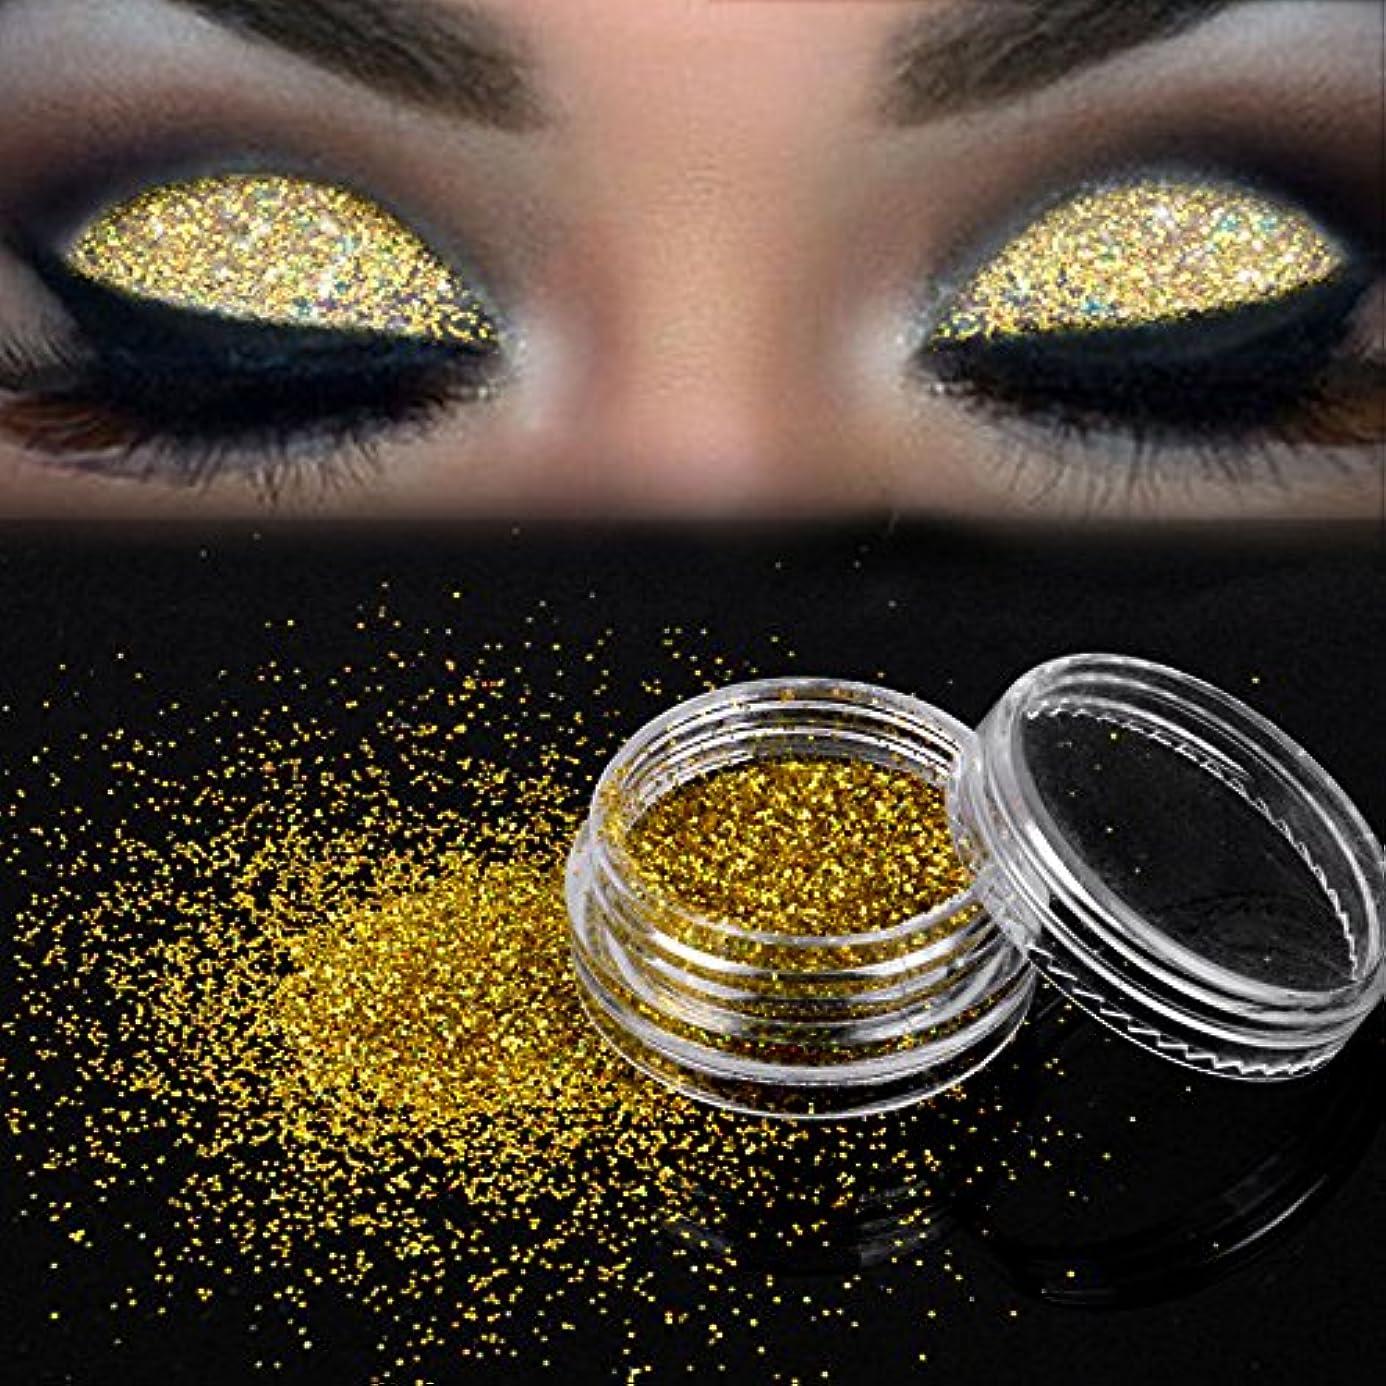 自慢下に向けますメナジェリー2018新番 化粧品 アイシャドウ Timsa 欧米風 アイシャドーパウダー ダイヤモンドグリッター スパークリングアイズ 極め細い パウダーアイシャドウ 2色選択 (B)